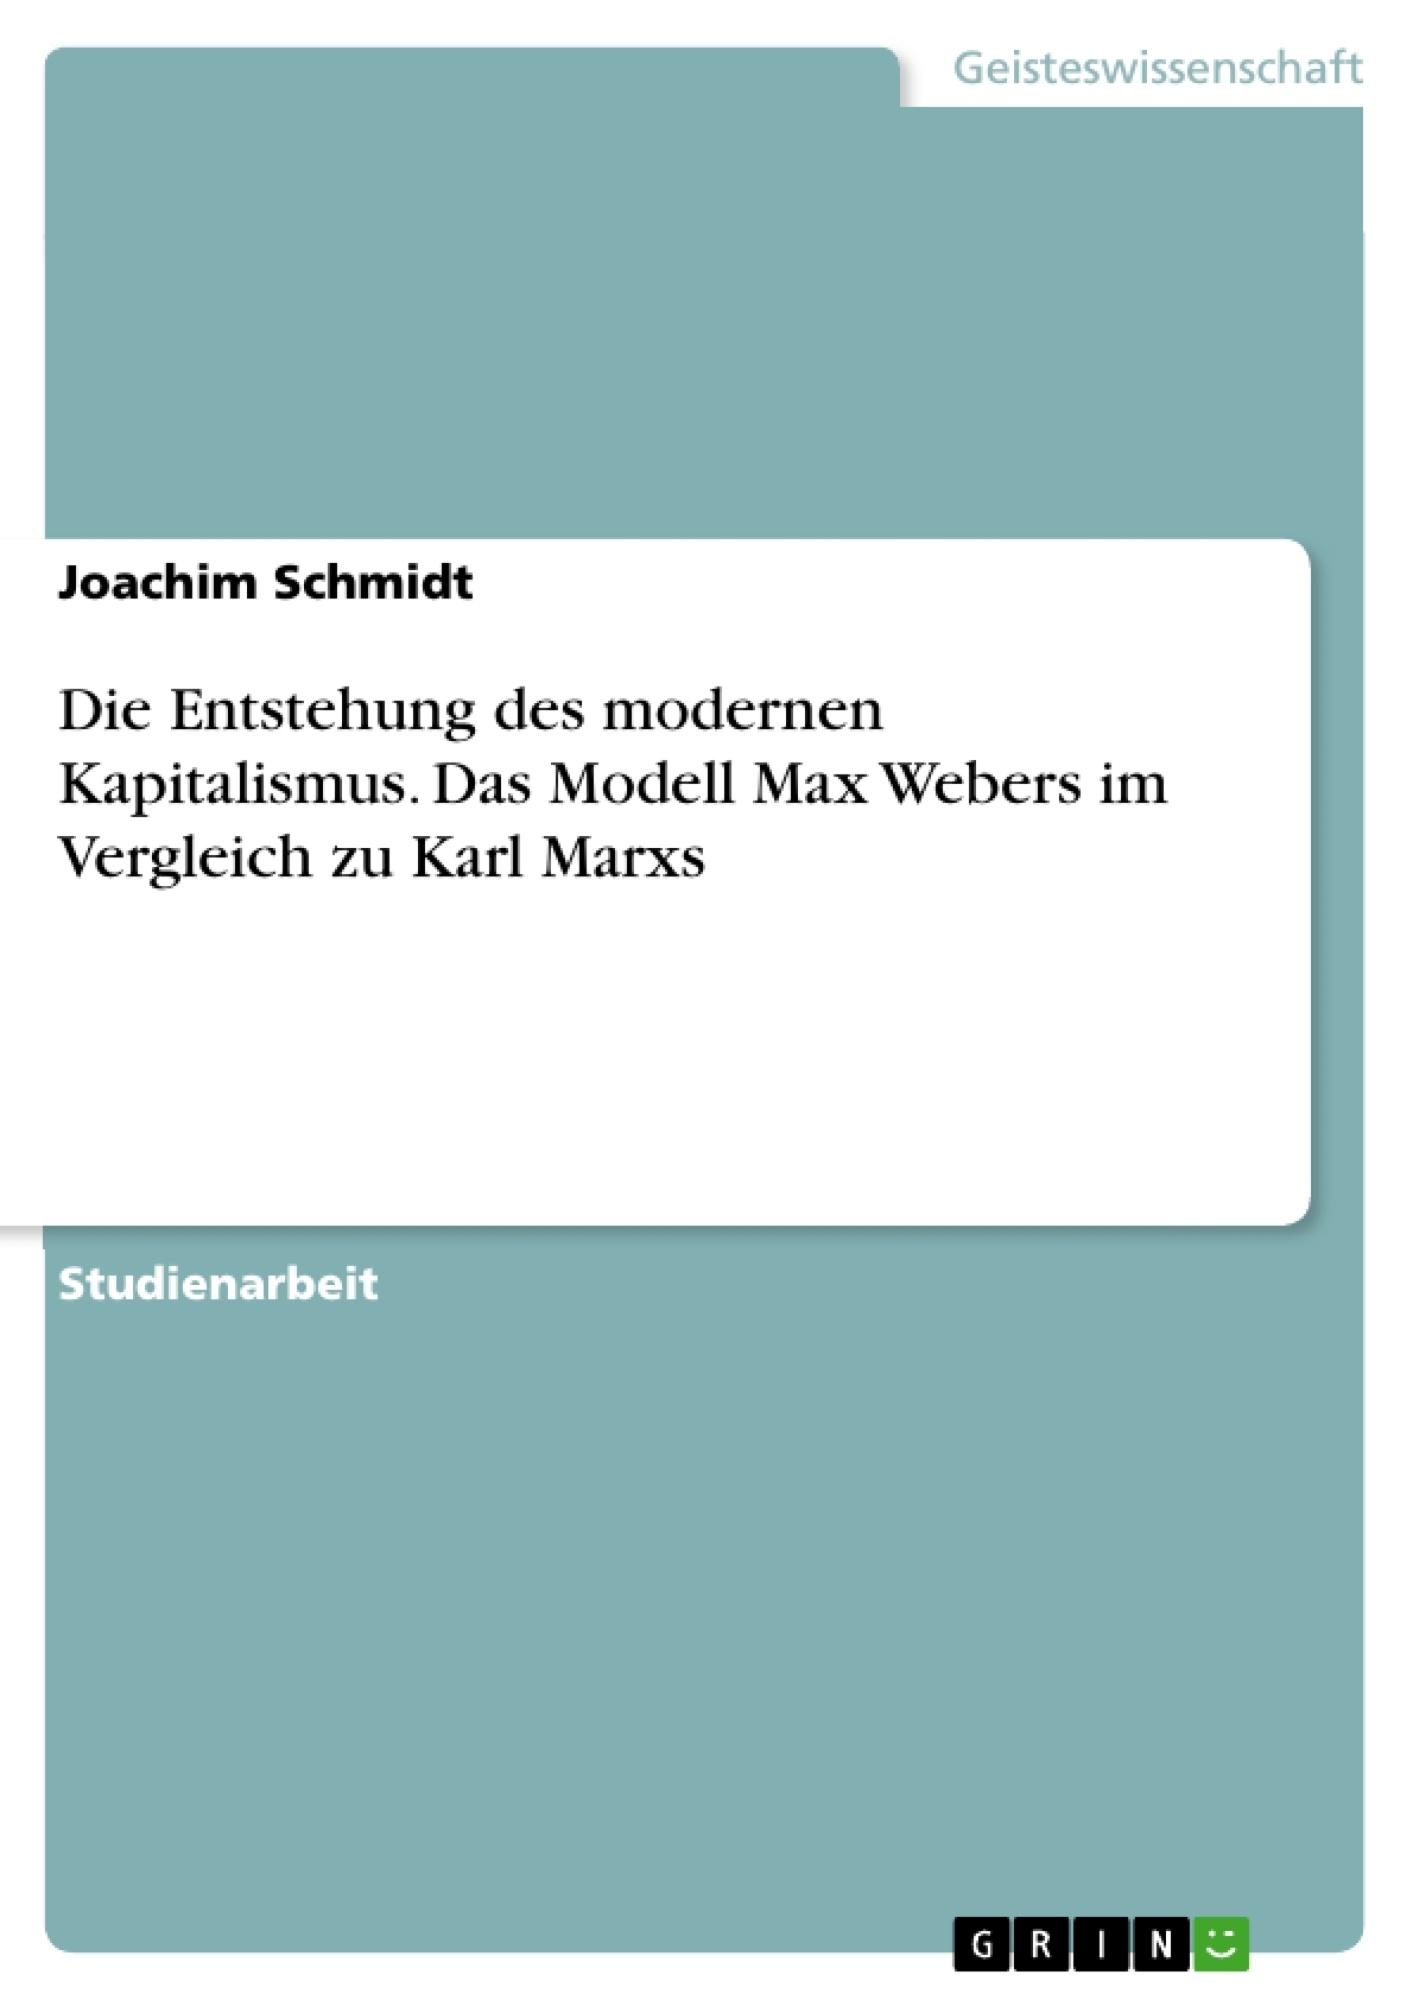 Titel: Die Entstehung des modernen Kapitalismus. Das Modell Max Webers im Vergleich zu Karl Marxs